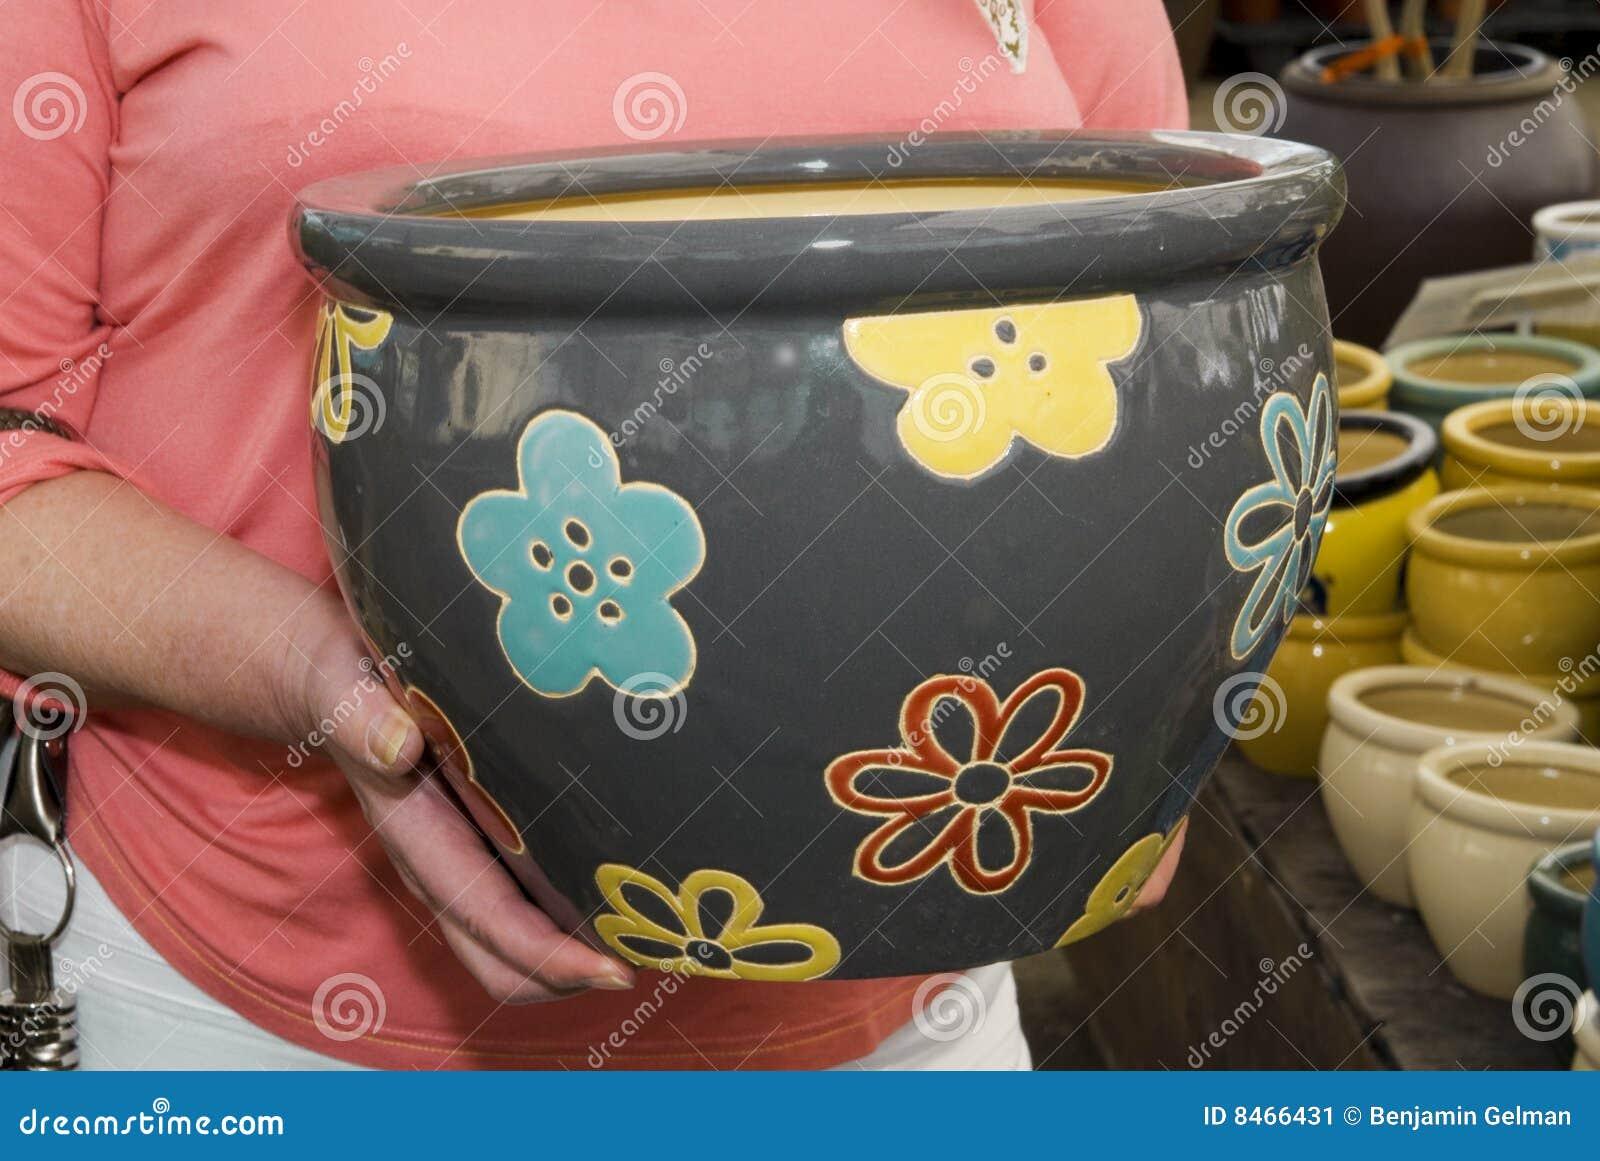 Blommar vases